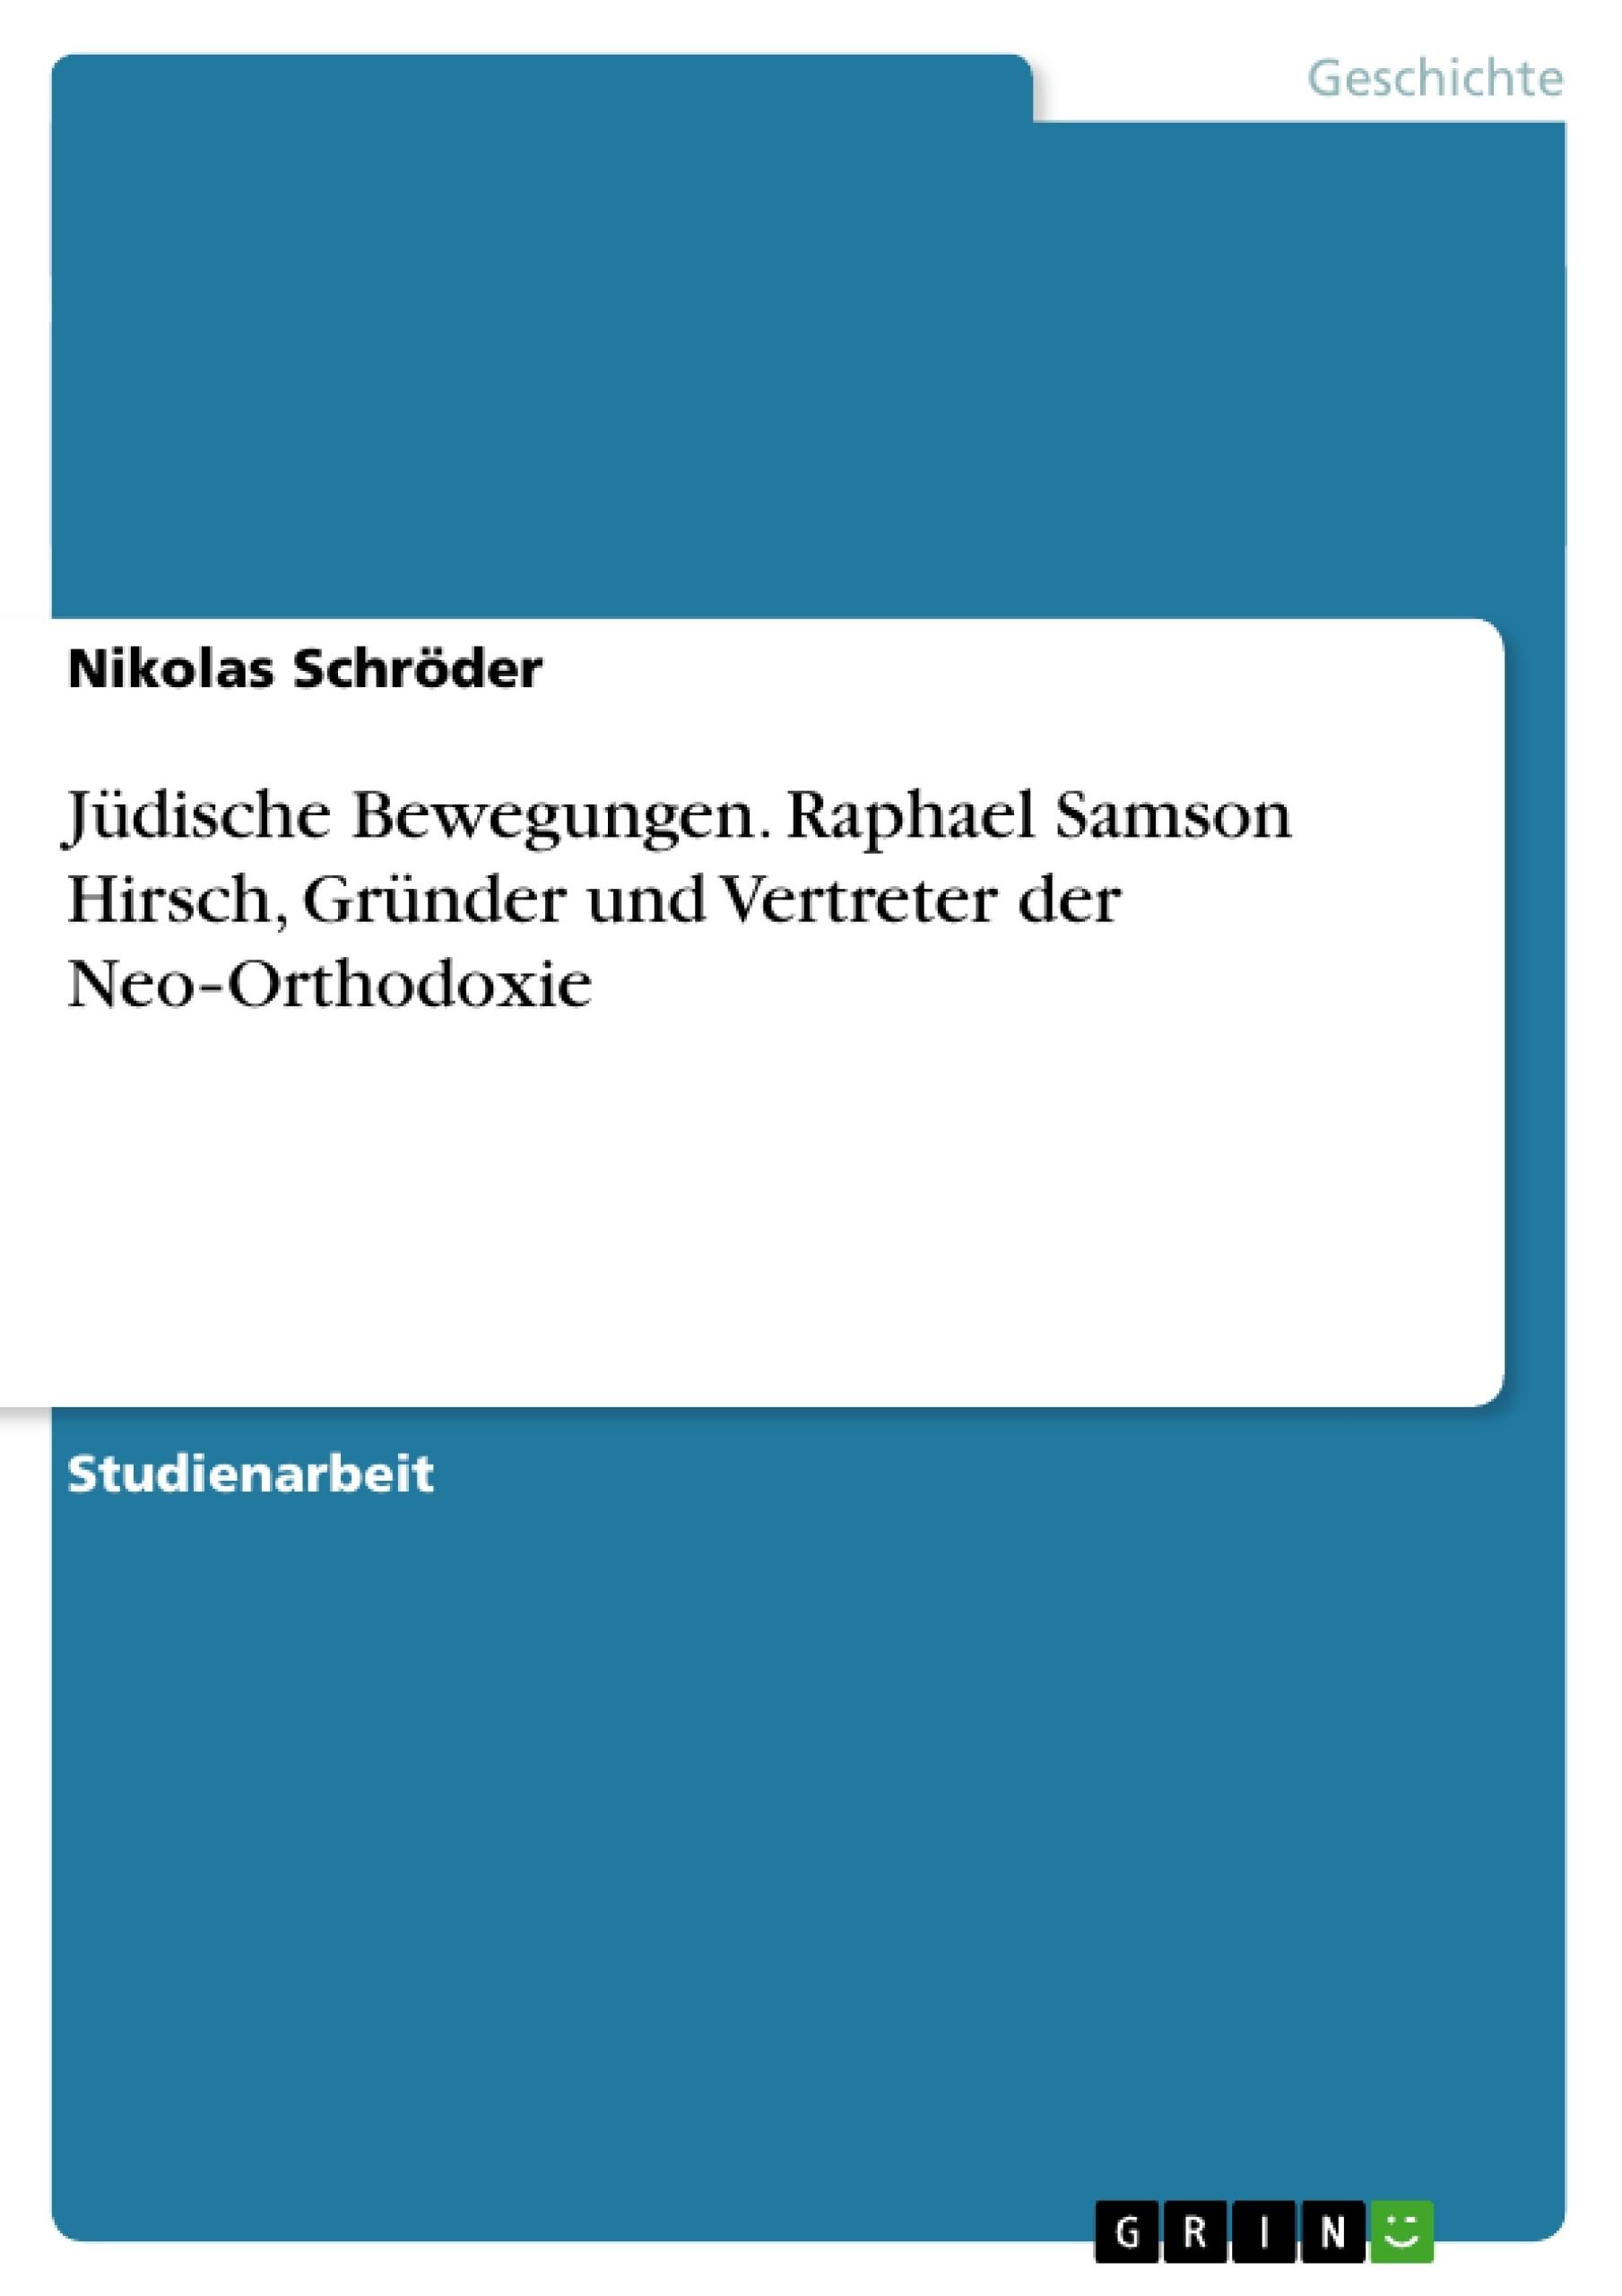 Titel: Jüdische Bewegungen. Raphael Samson Hirsch, Gründer und Vertreter der Neo‐Orthodoxie